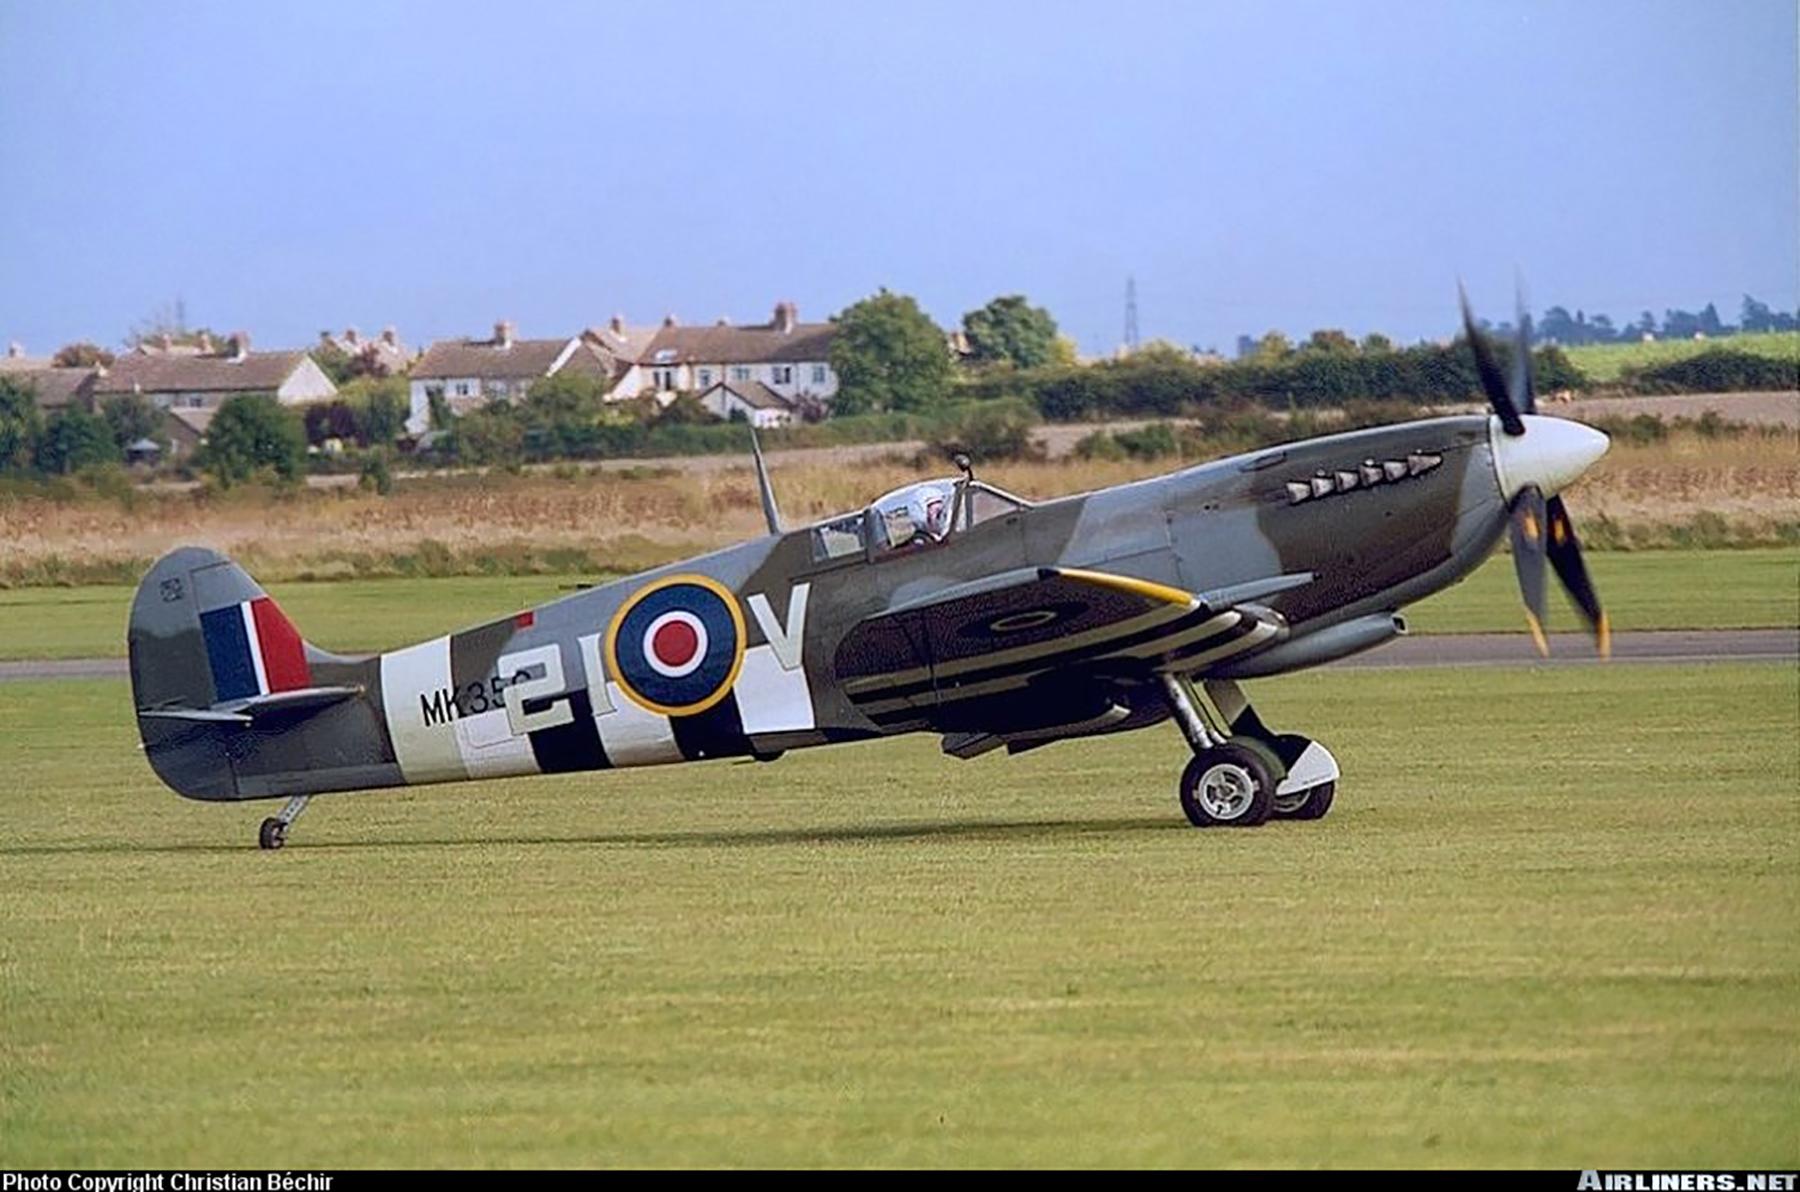 Airworthy Spitfire warbird MkIXe RCAF 443Sqn 2IV MK356 02